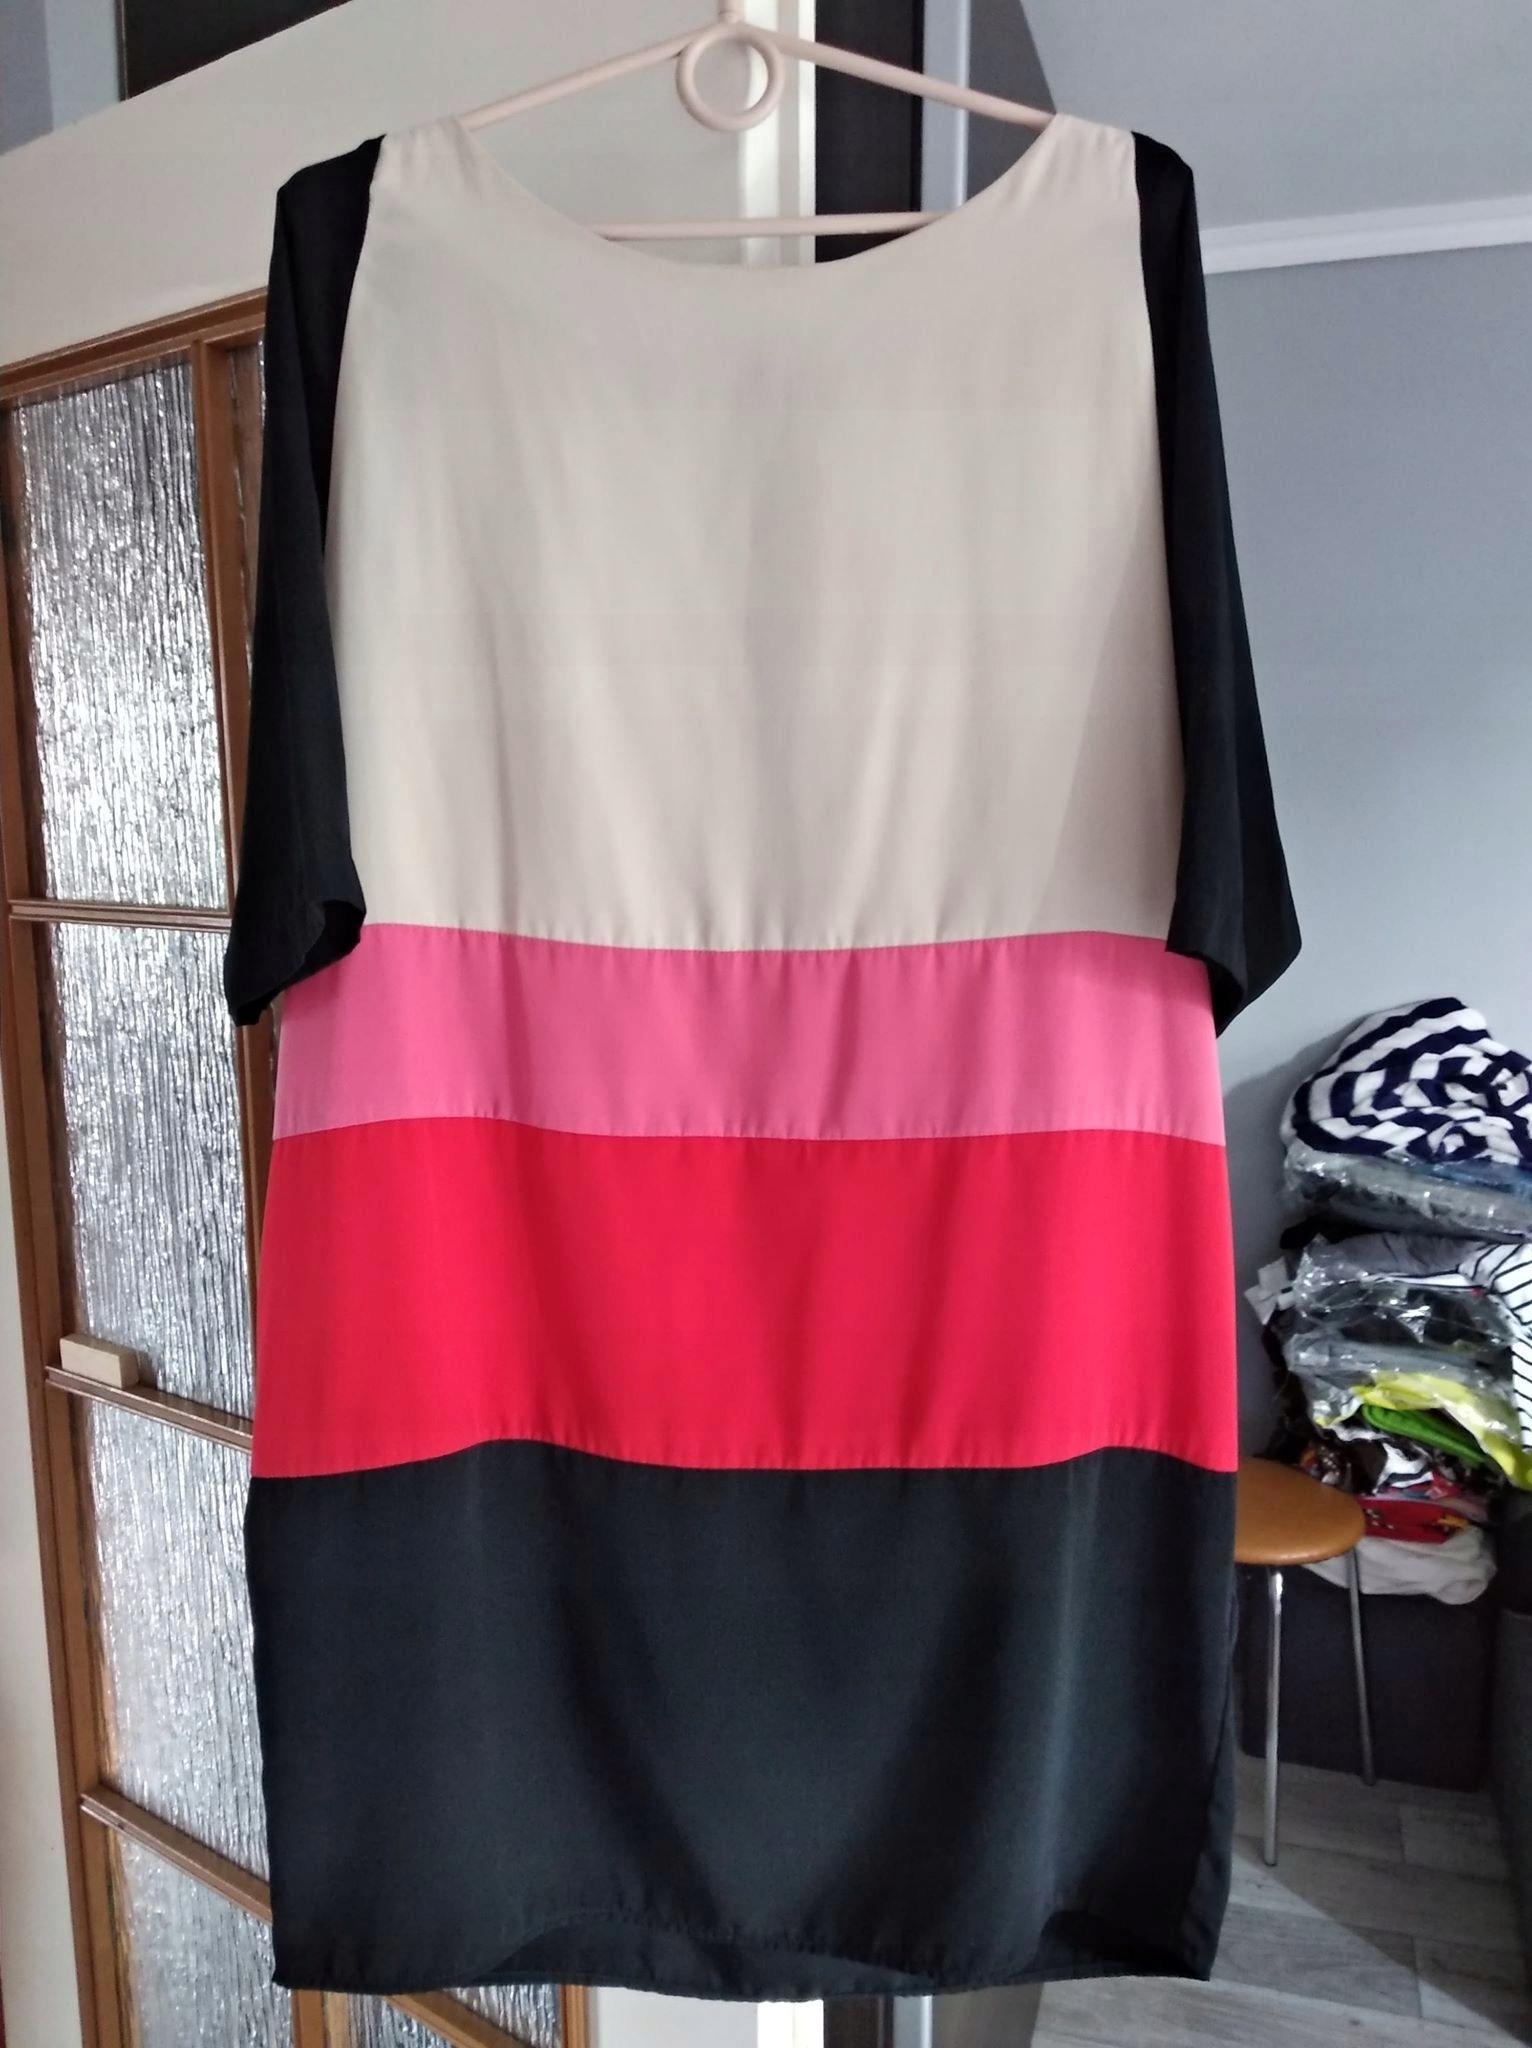 aec88ad500 Kolorowa sukienka KappAhl roz 44 - 7546926599 - oficjalne archiwum ...